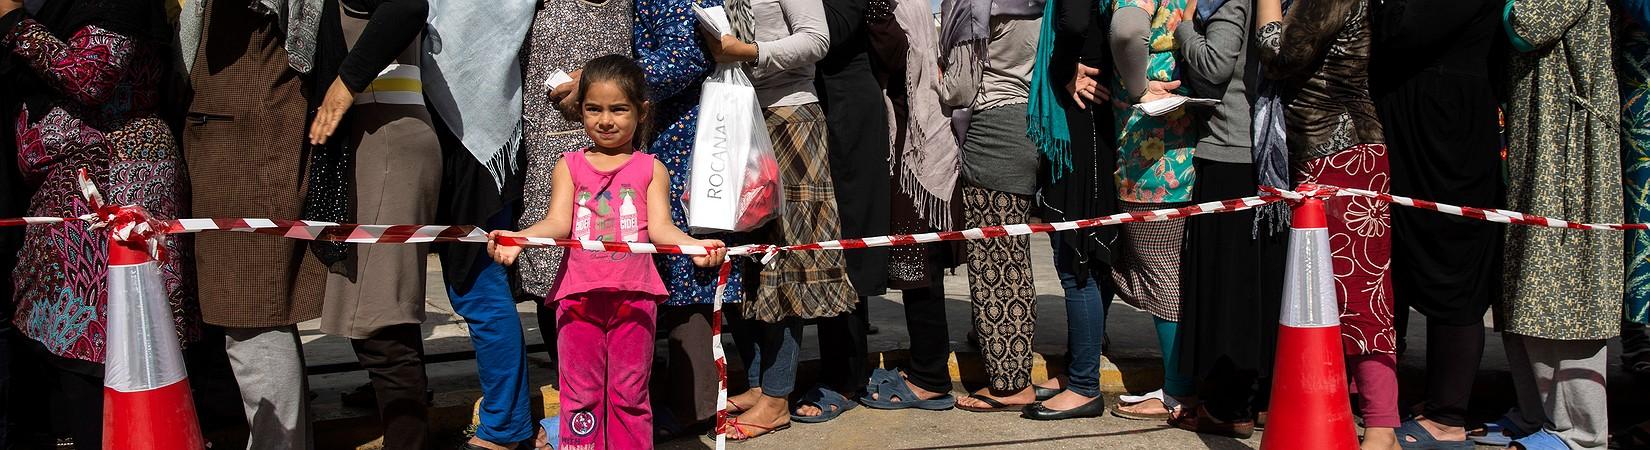 Alemania cada vez rechaza a más inmigrantes indocumentados en sus fronteras